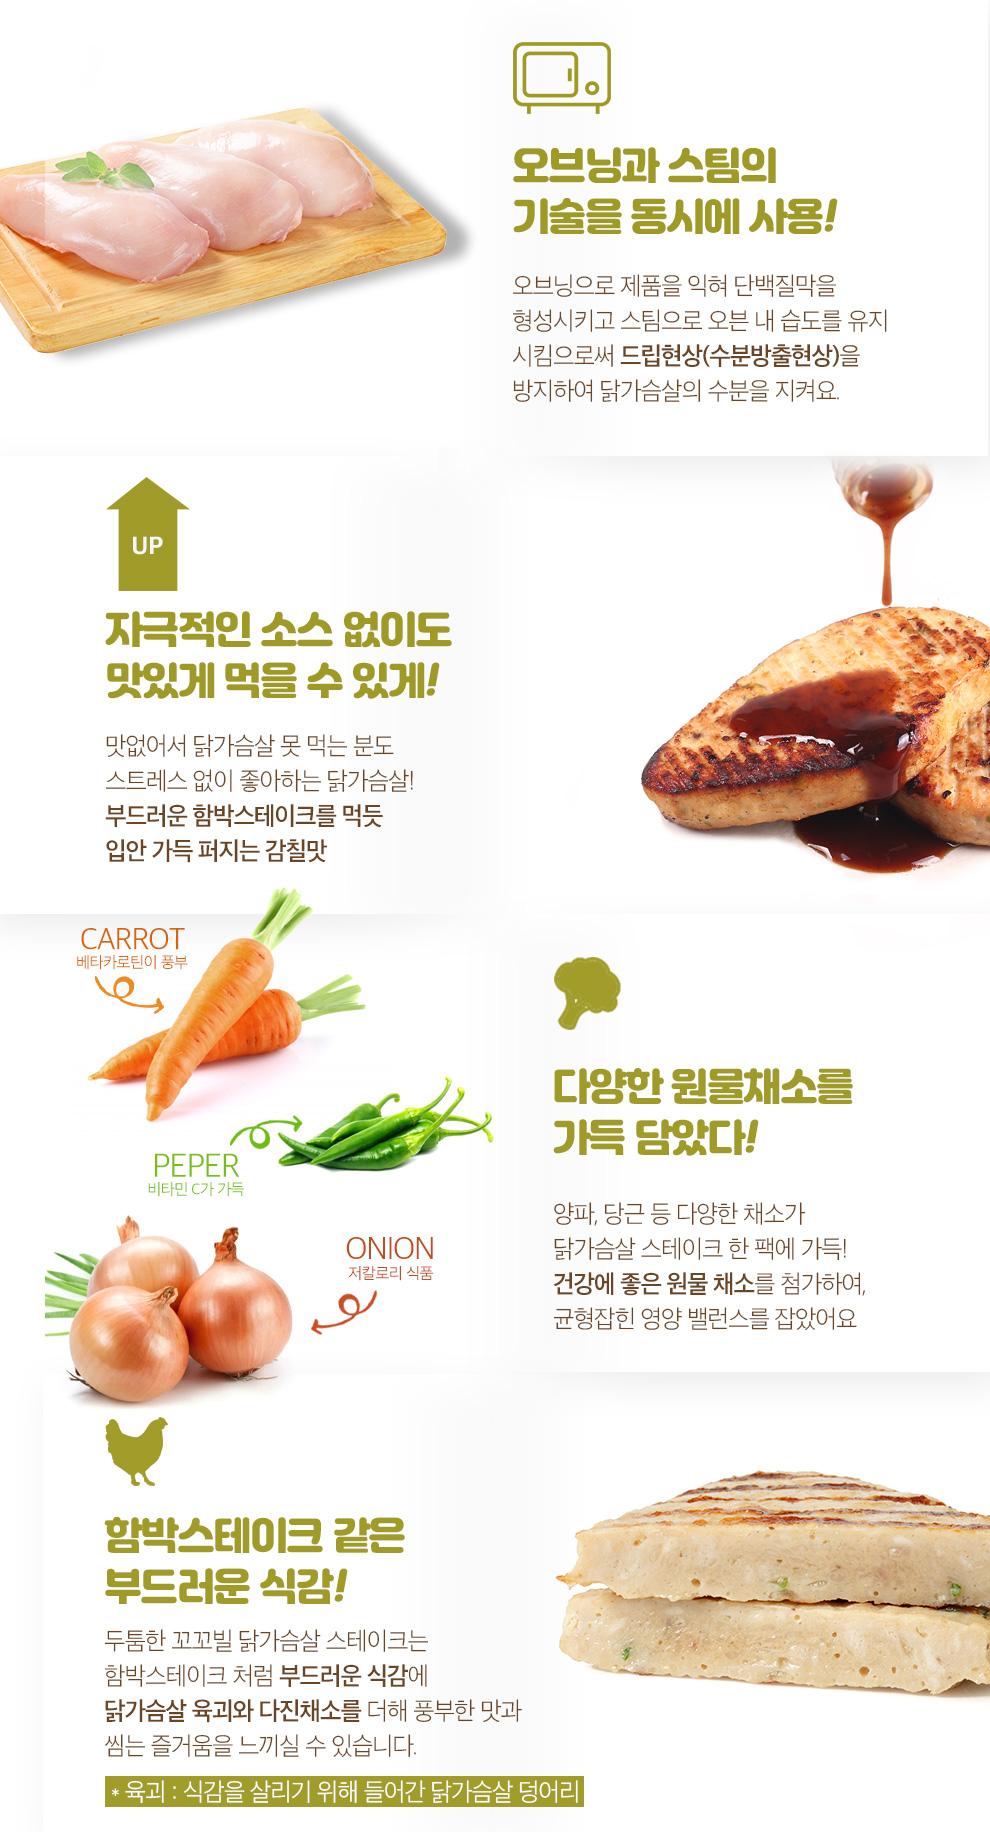 슬림쿡 닭가슴살